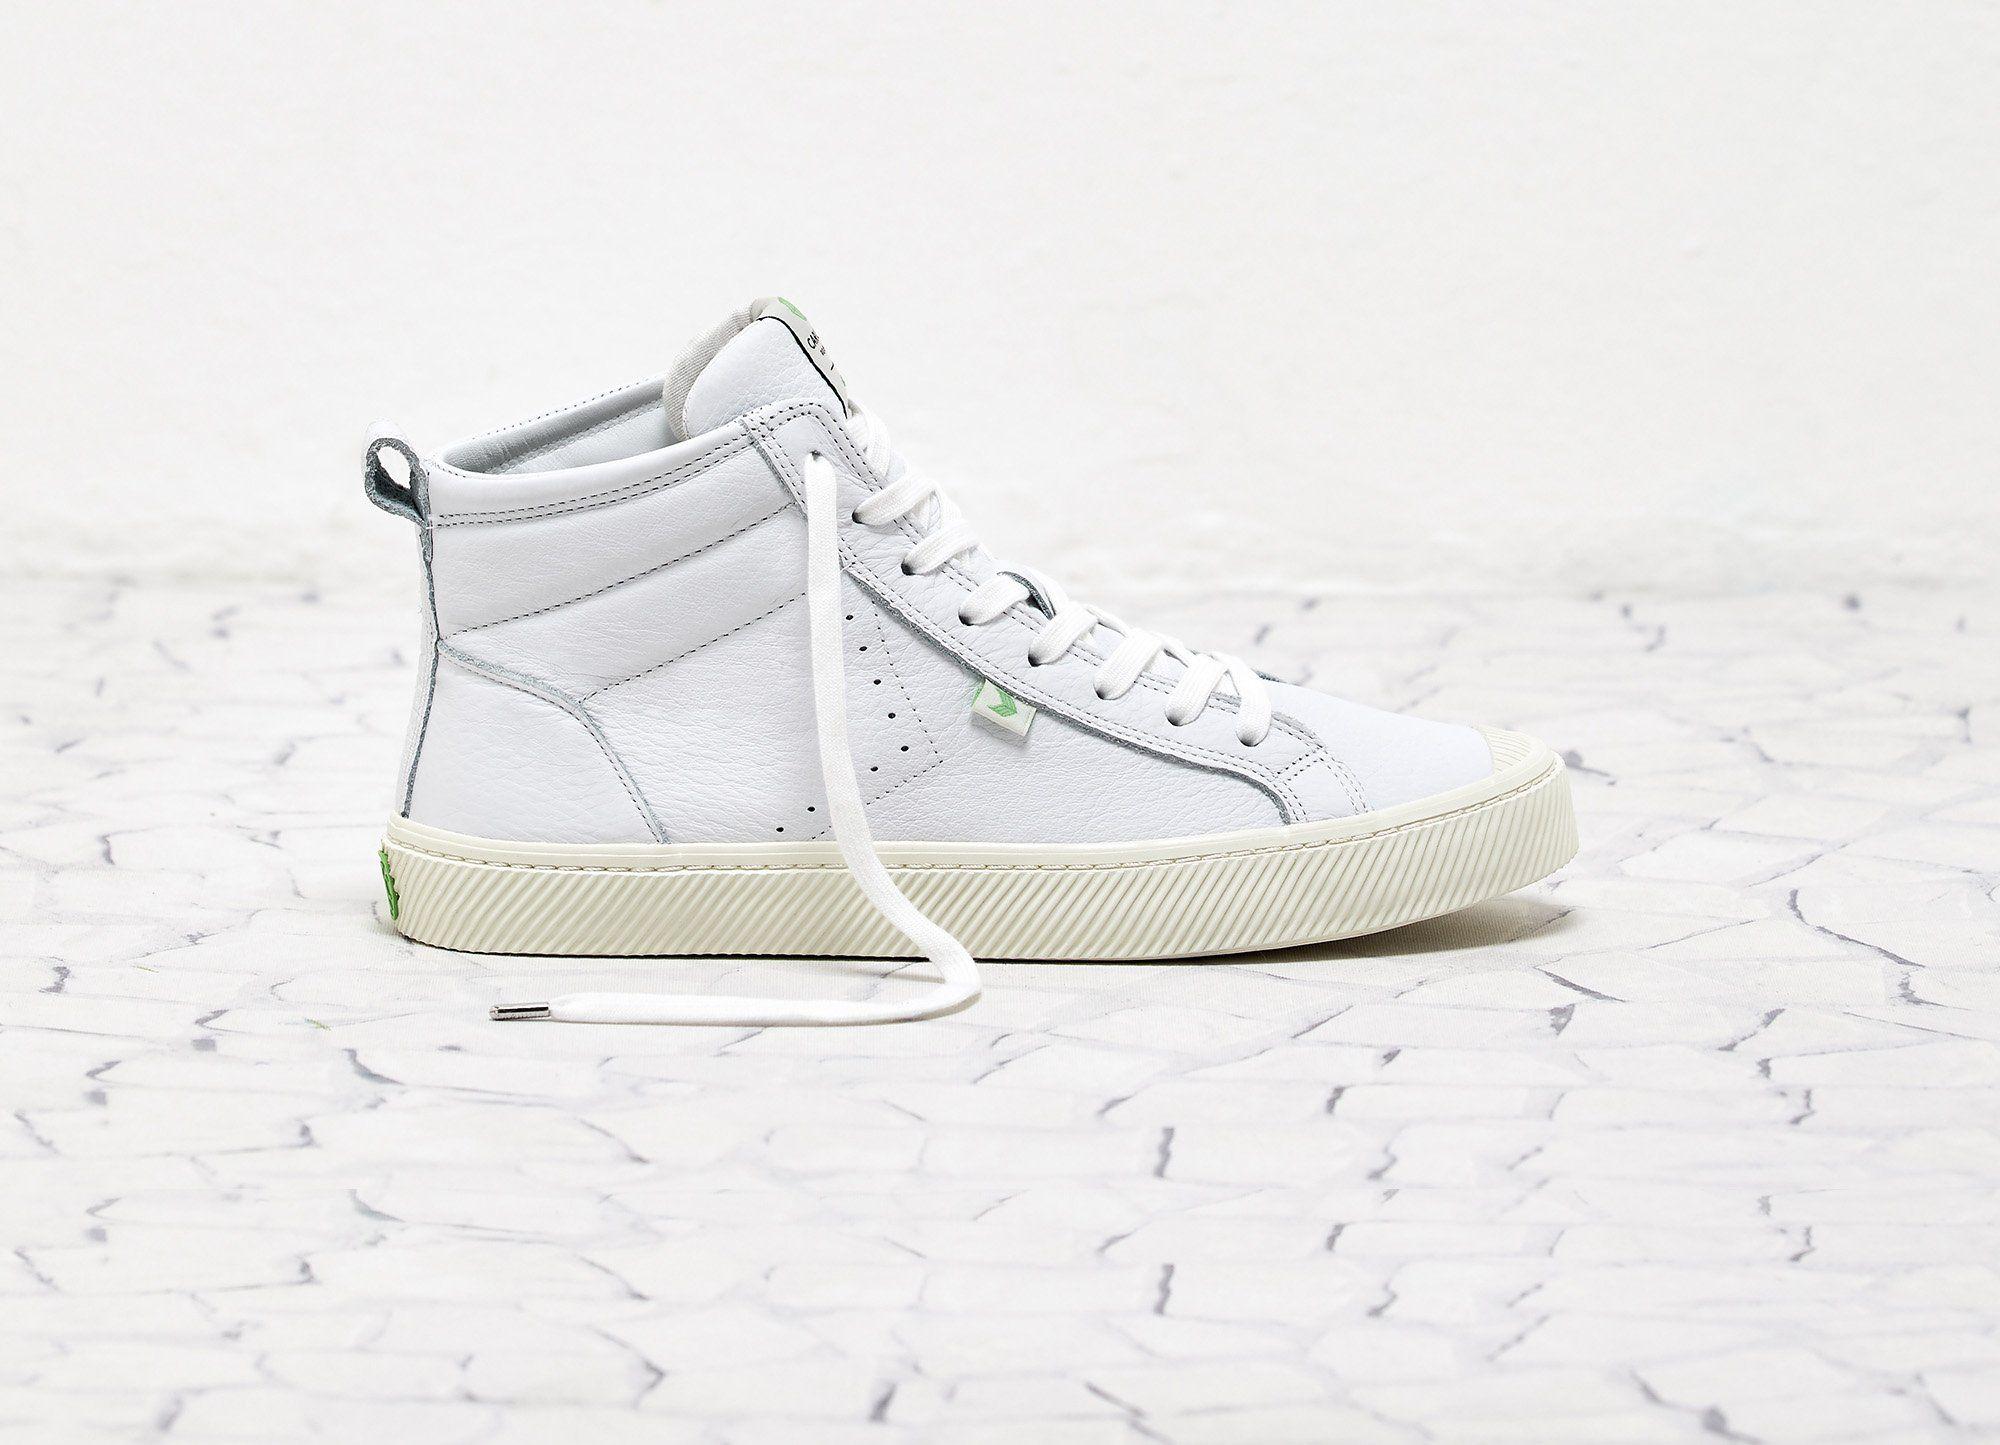 096b95a0b848d7 17 Cute Summer Sneaker Styles for Women